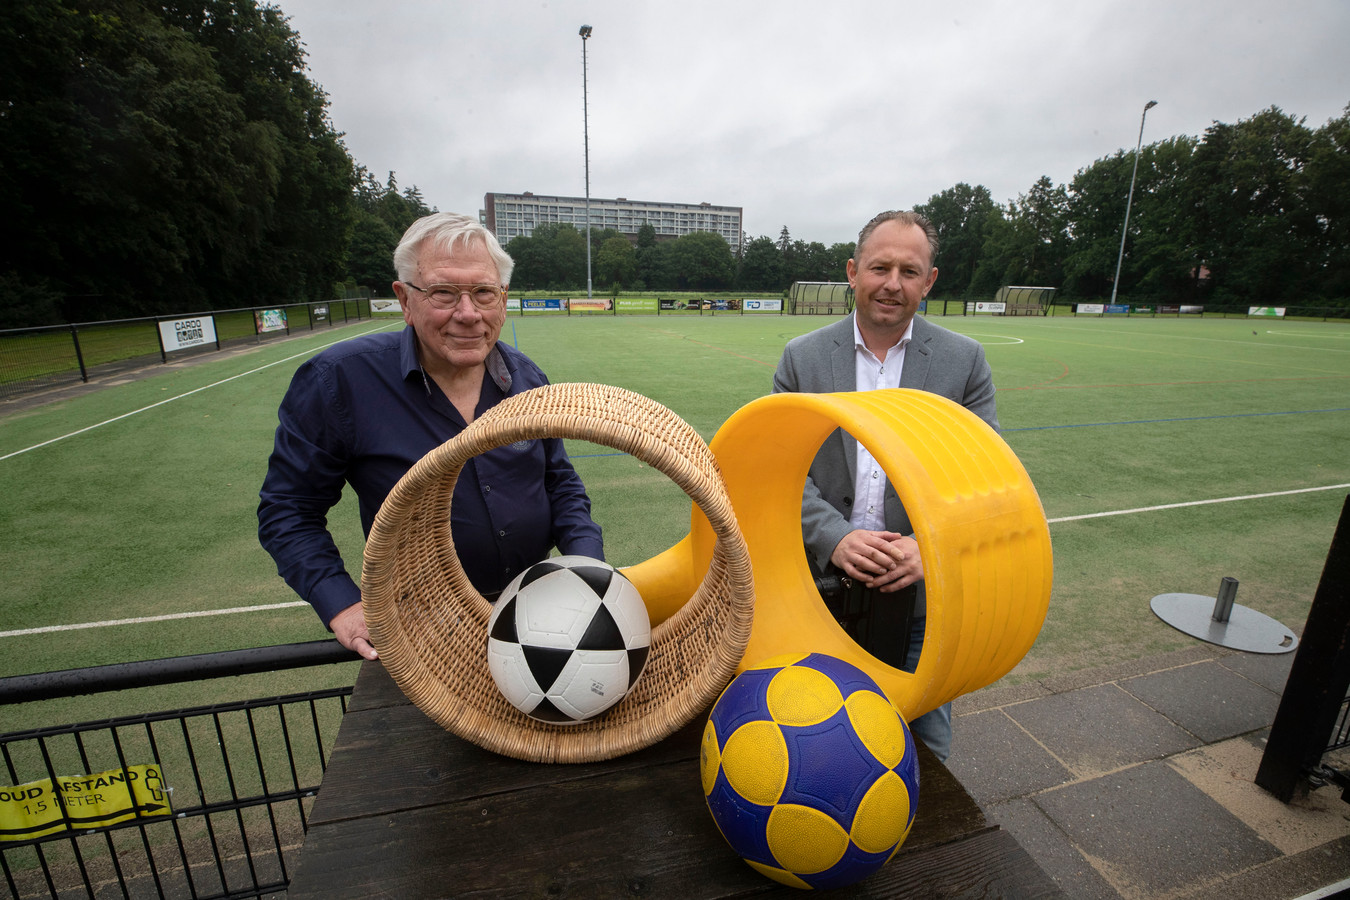 Korfbalclub SDO bestaat 75 jaar. Op de foto lid van het eerste uur Joop Alferink (links) en voorzitter Joeri Bosch.